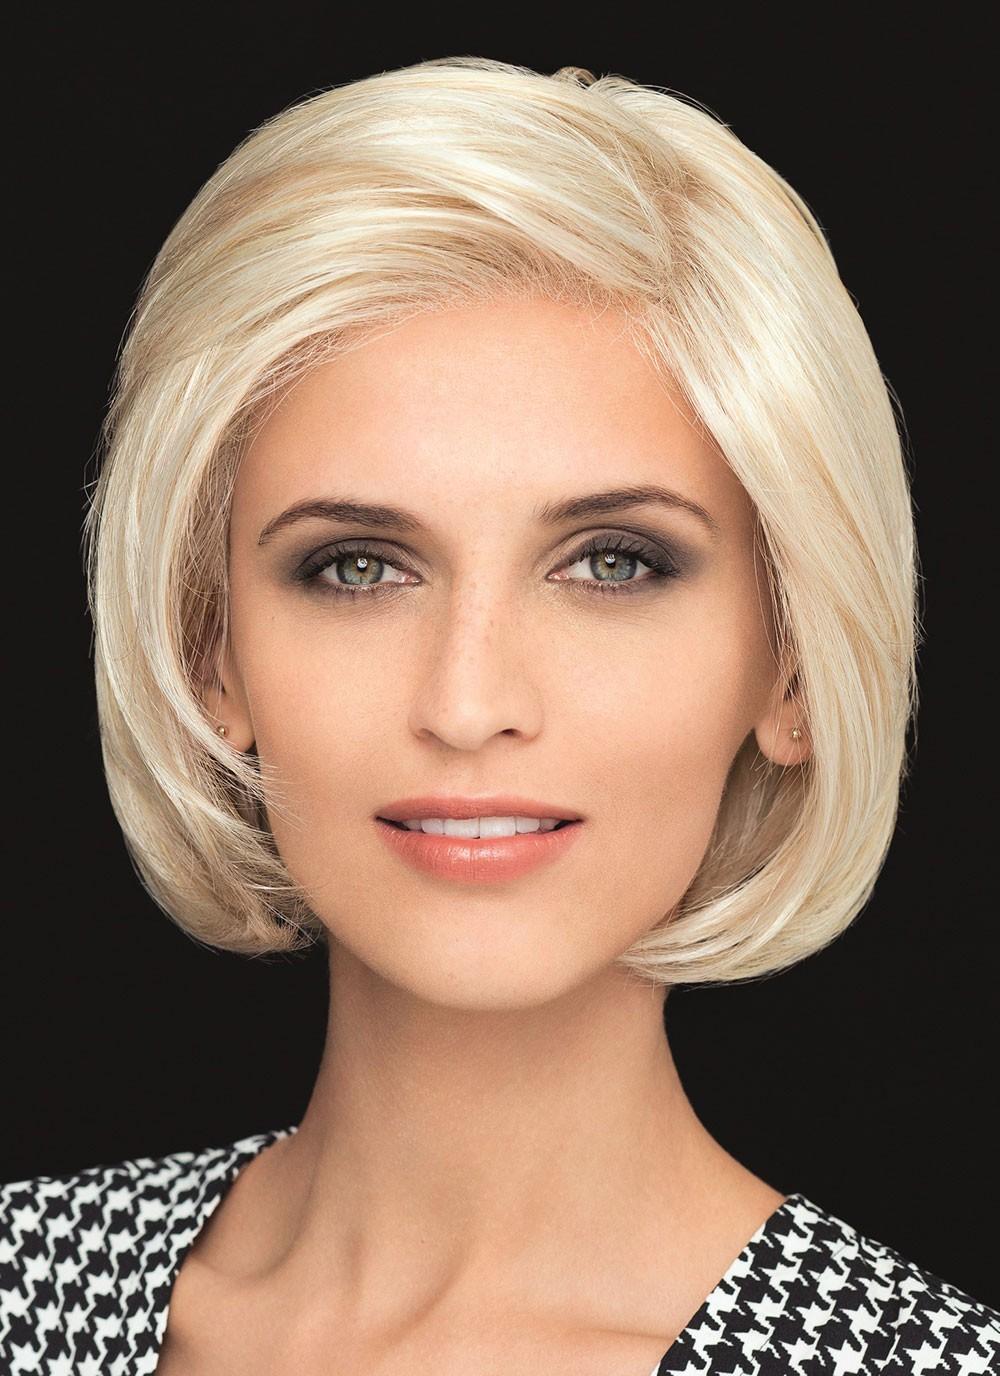 Short Classic Bob Lace Front Blonde Human Hair Wigs, Best Wigs Online Sale - Rewigs.com